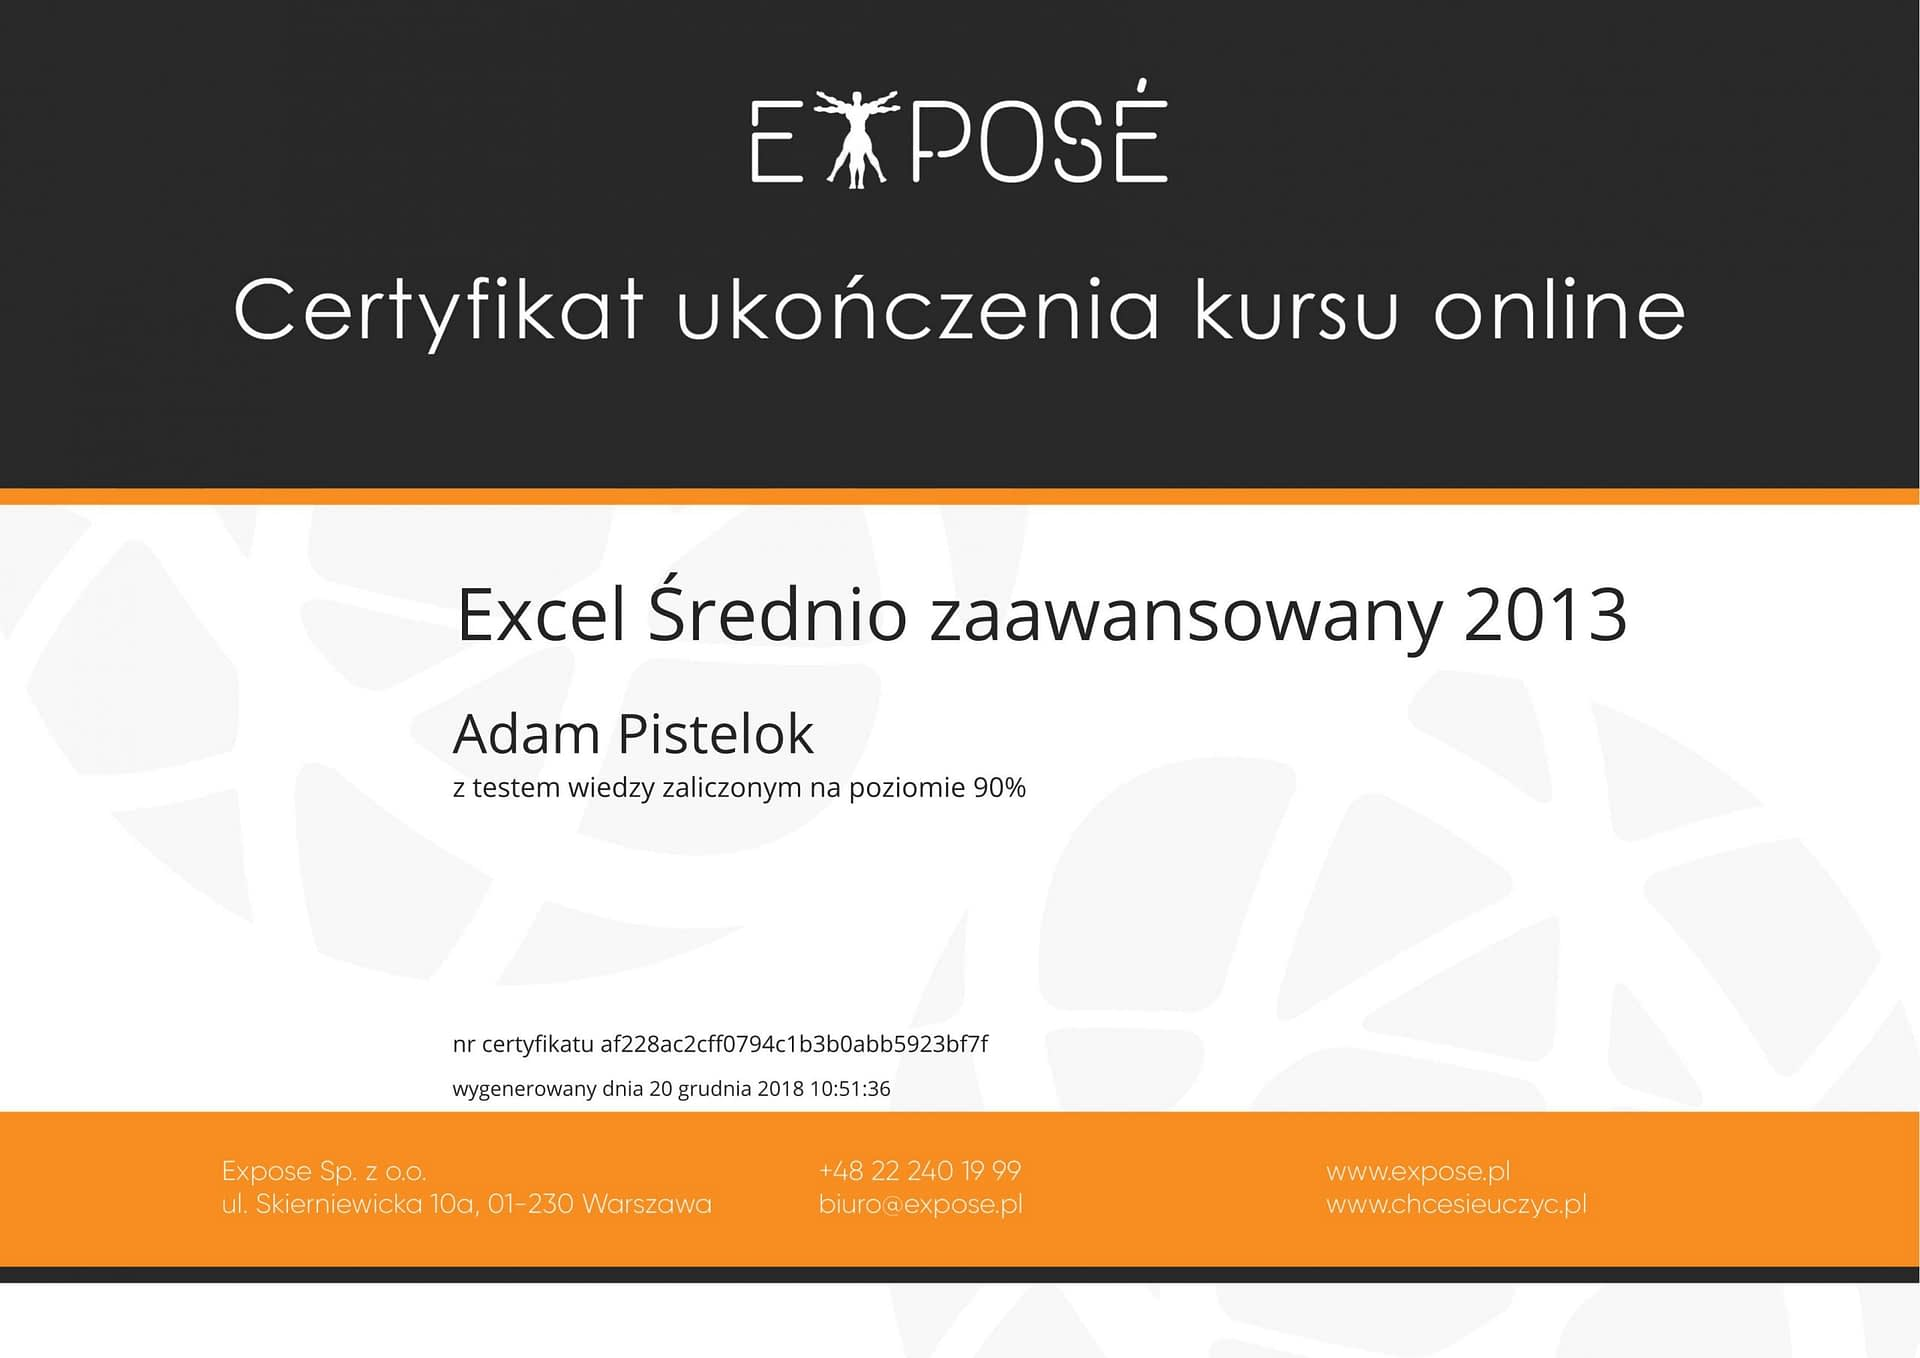 Excel sredniozaawansowany 2013